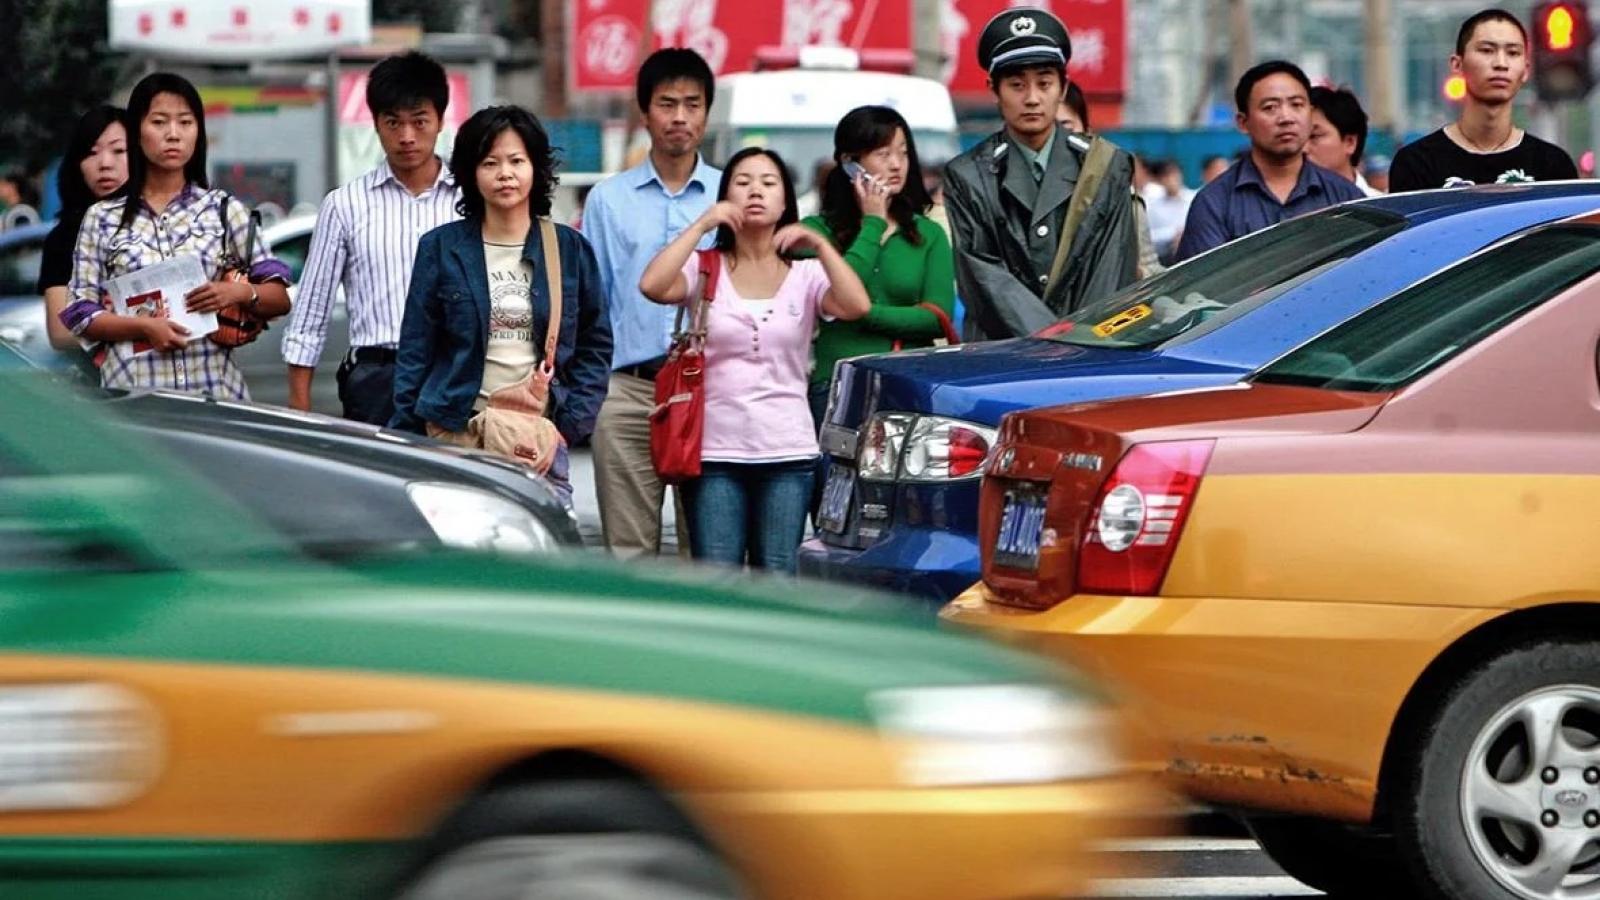 Trung Quốc: Ô tô lao vào đám đông khiến 5 người chết